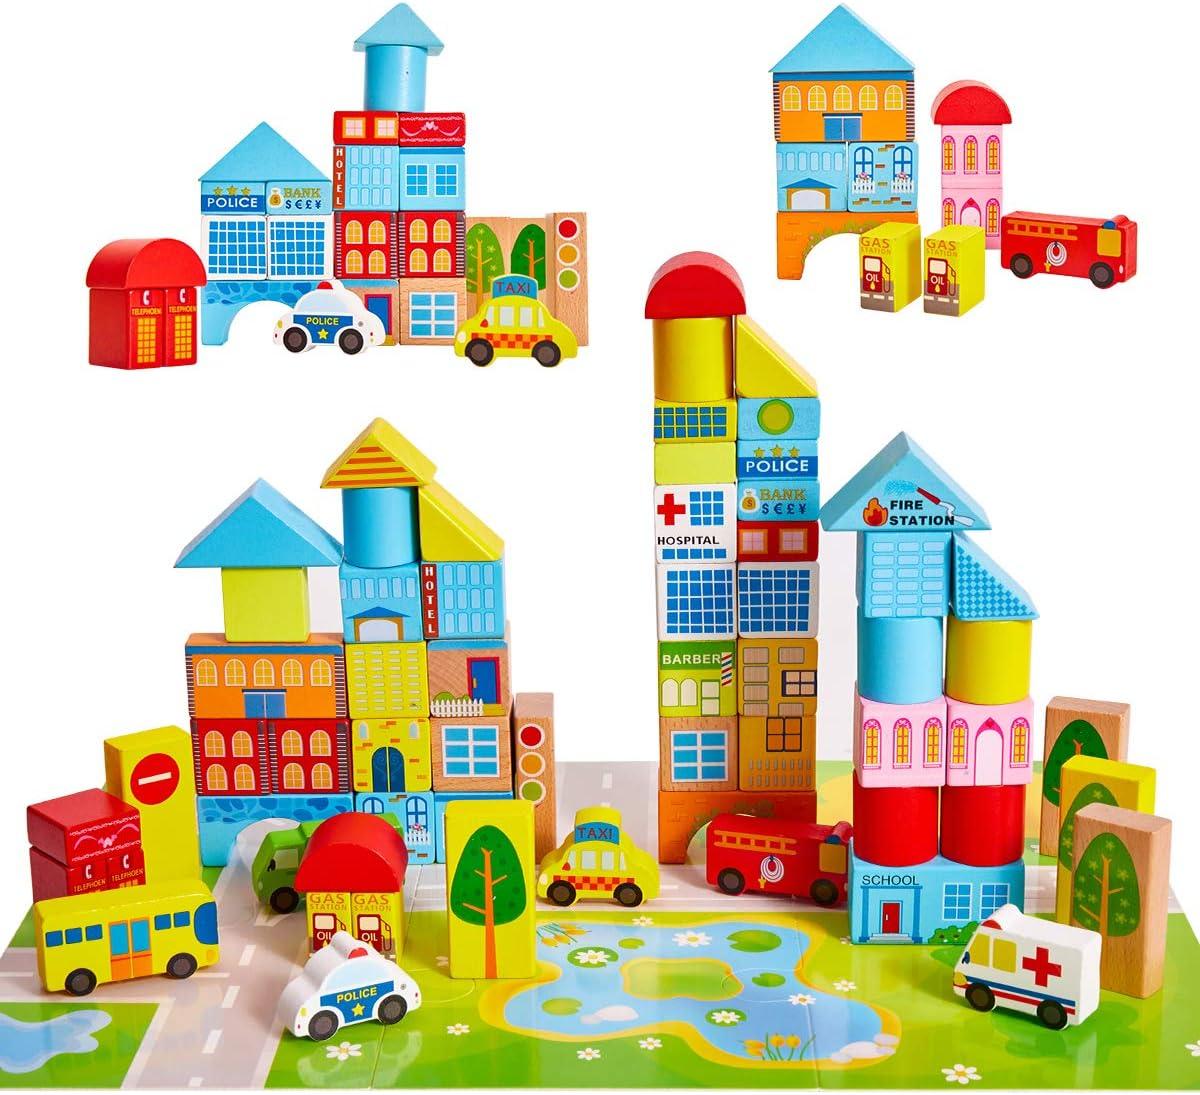 Onshine Bloques Madera Construccion Juguete Puzzle Juego Educativo para 3 Años Niños Bebe Infantiles